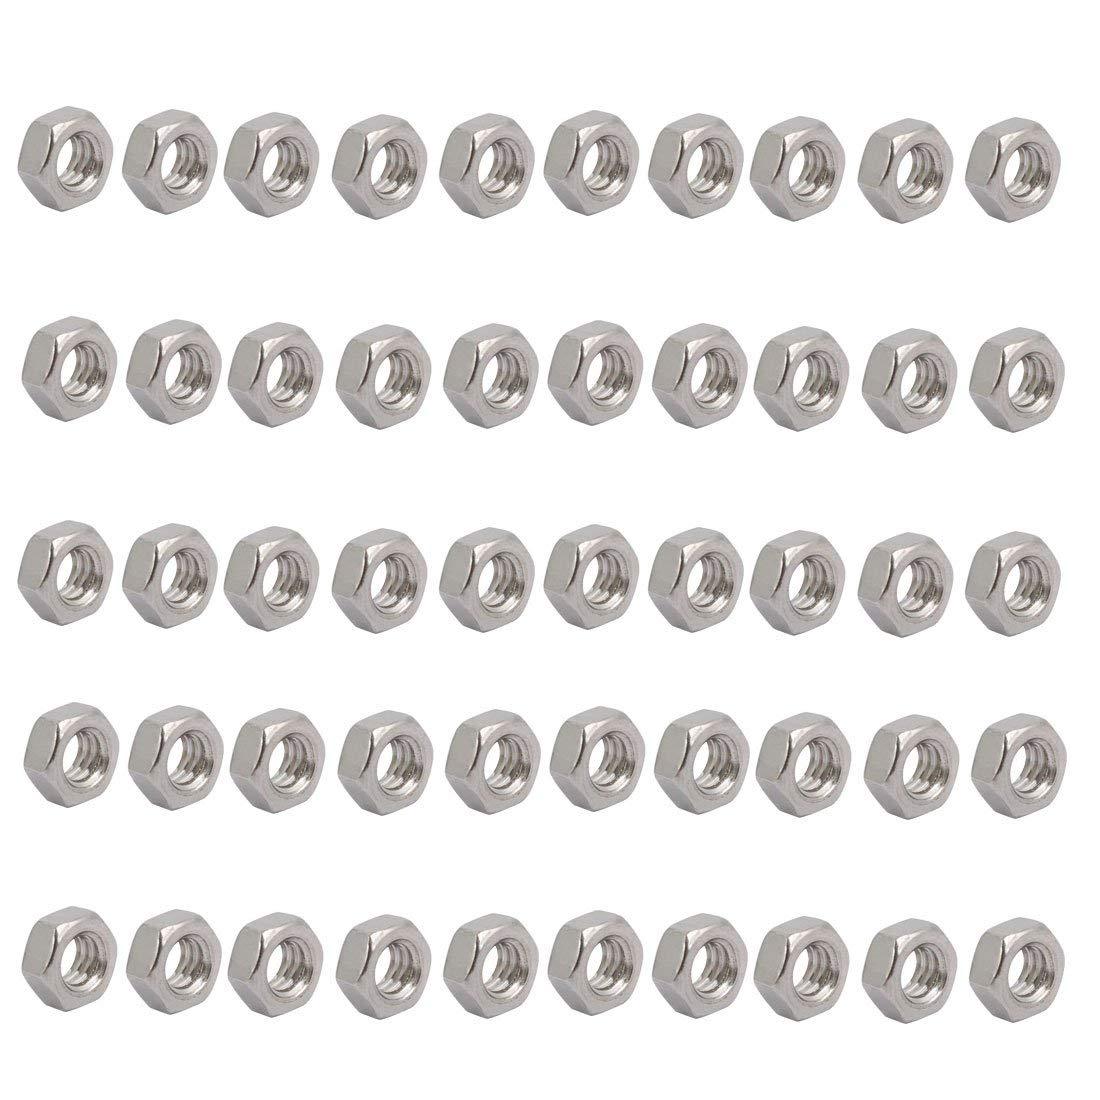 50pcs 1//4-20 UNC Fil acier Inox type 304 fix /écrou hex ton argent